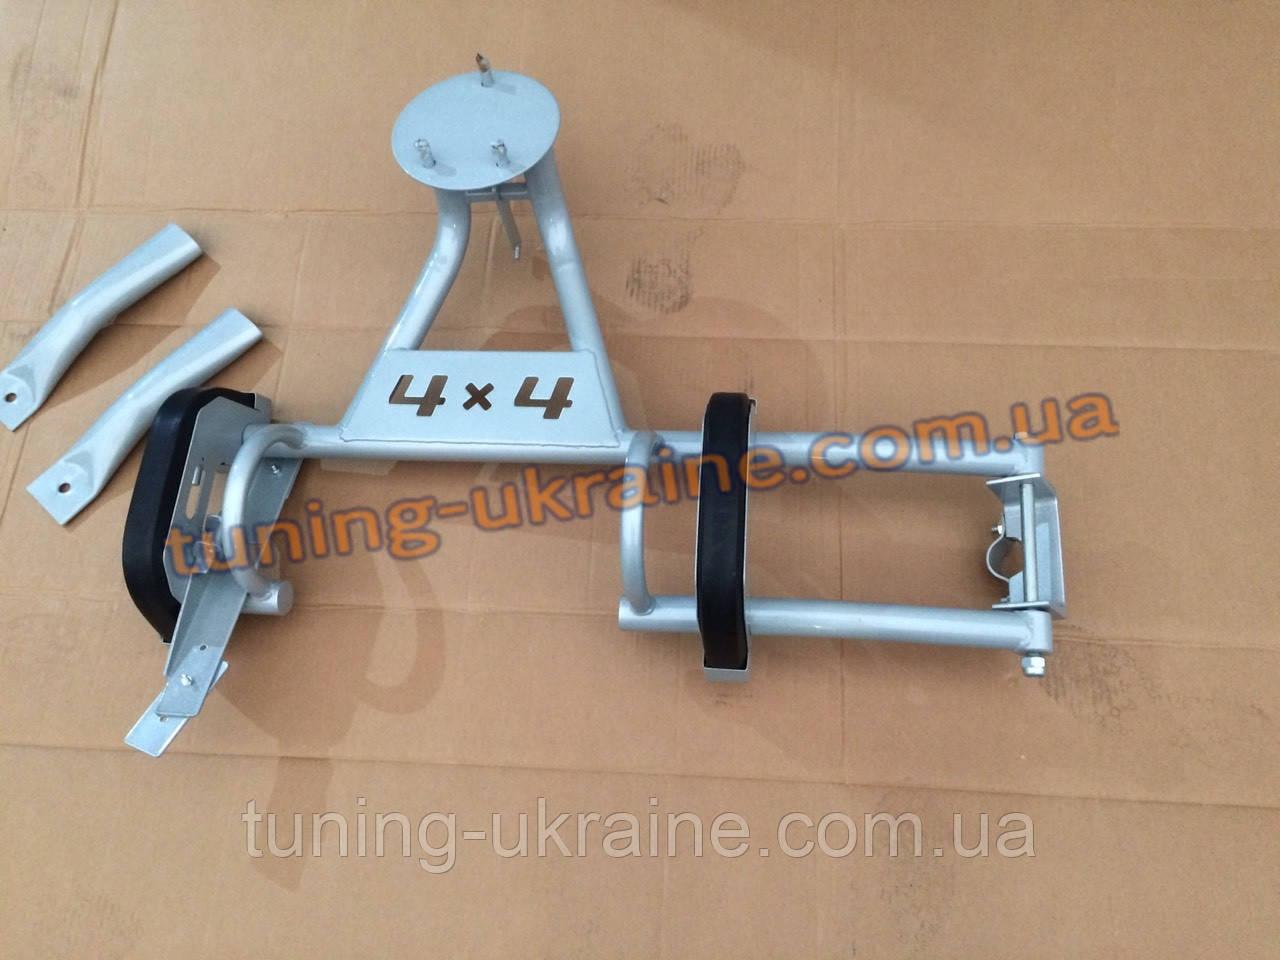 Кронштейн запасного колеса цвет серебро (снежка) на Ваз 2121 Нива 4х4 URBAN 2013+